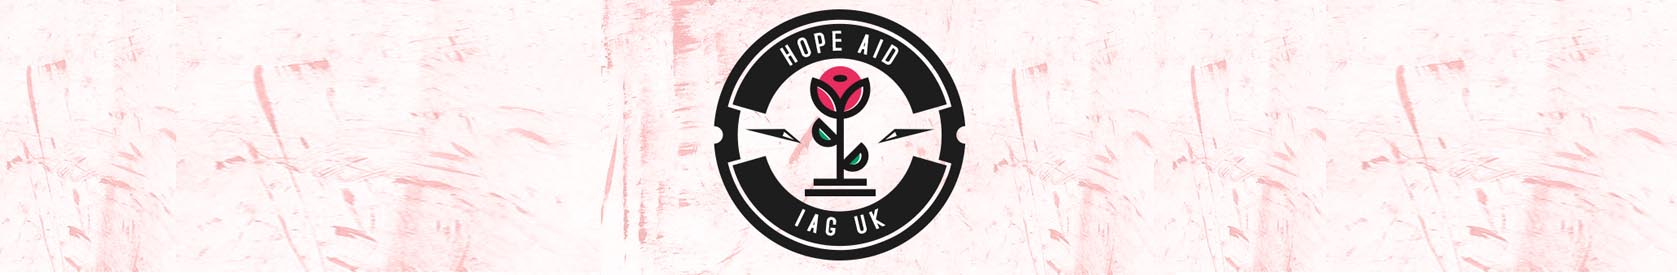 HOPE AID